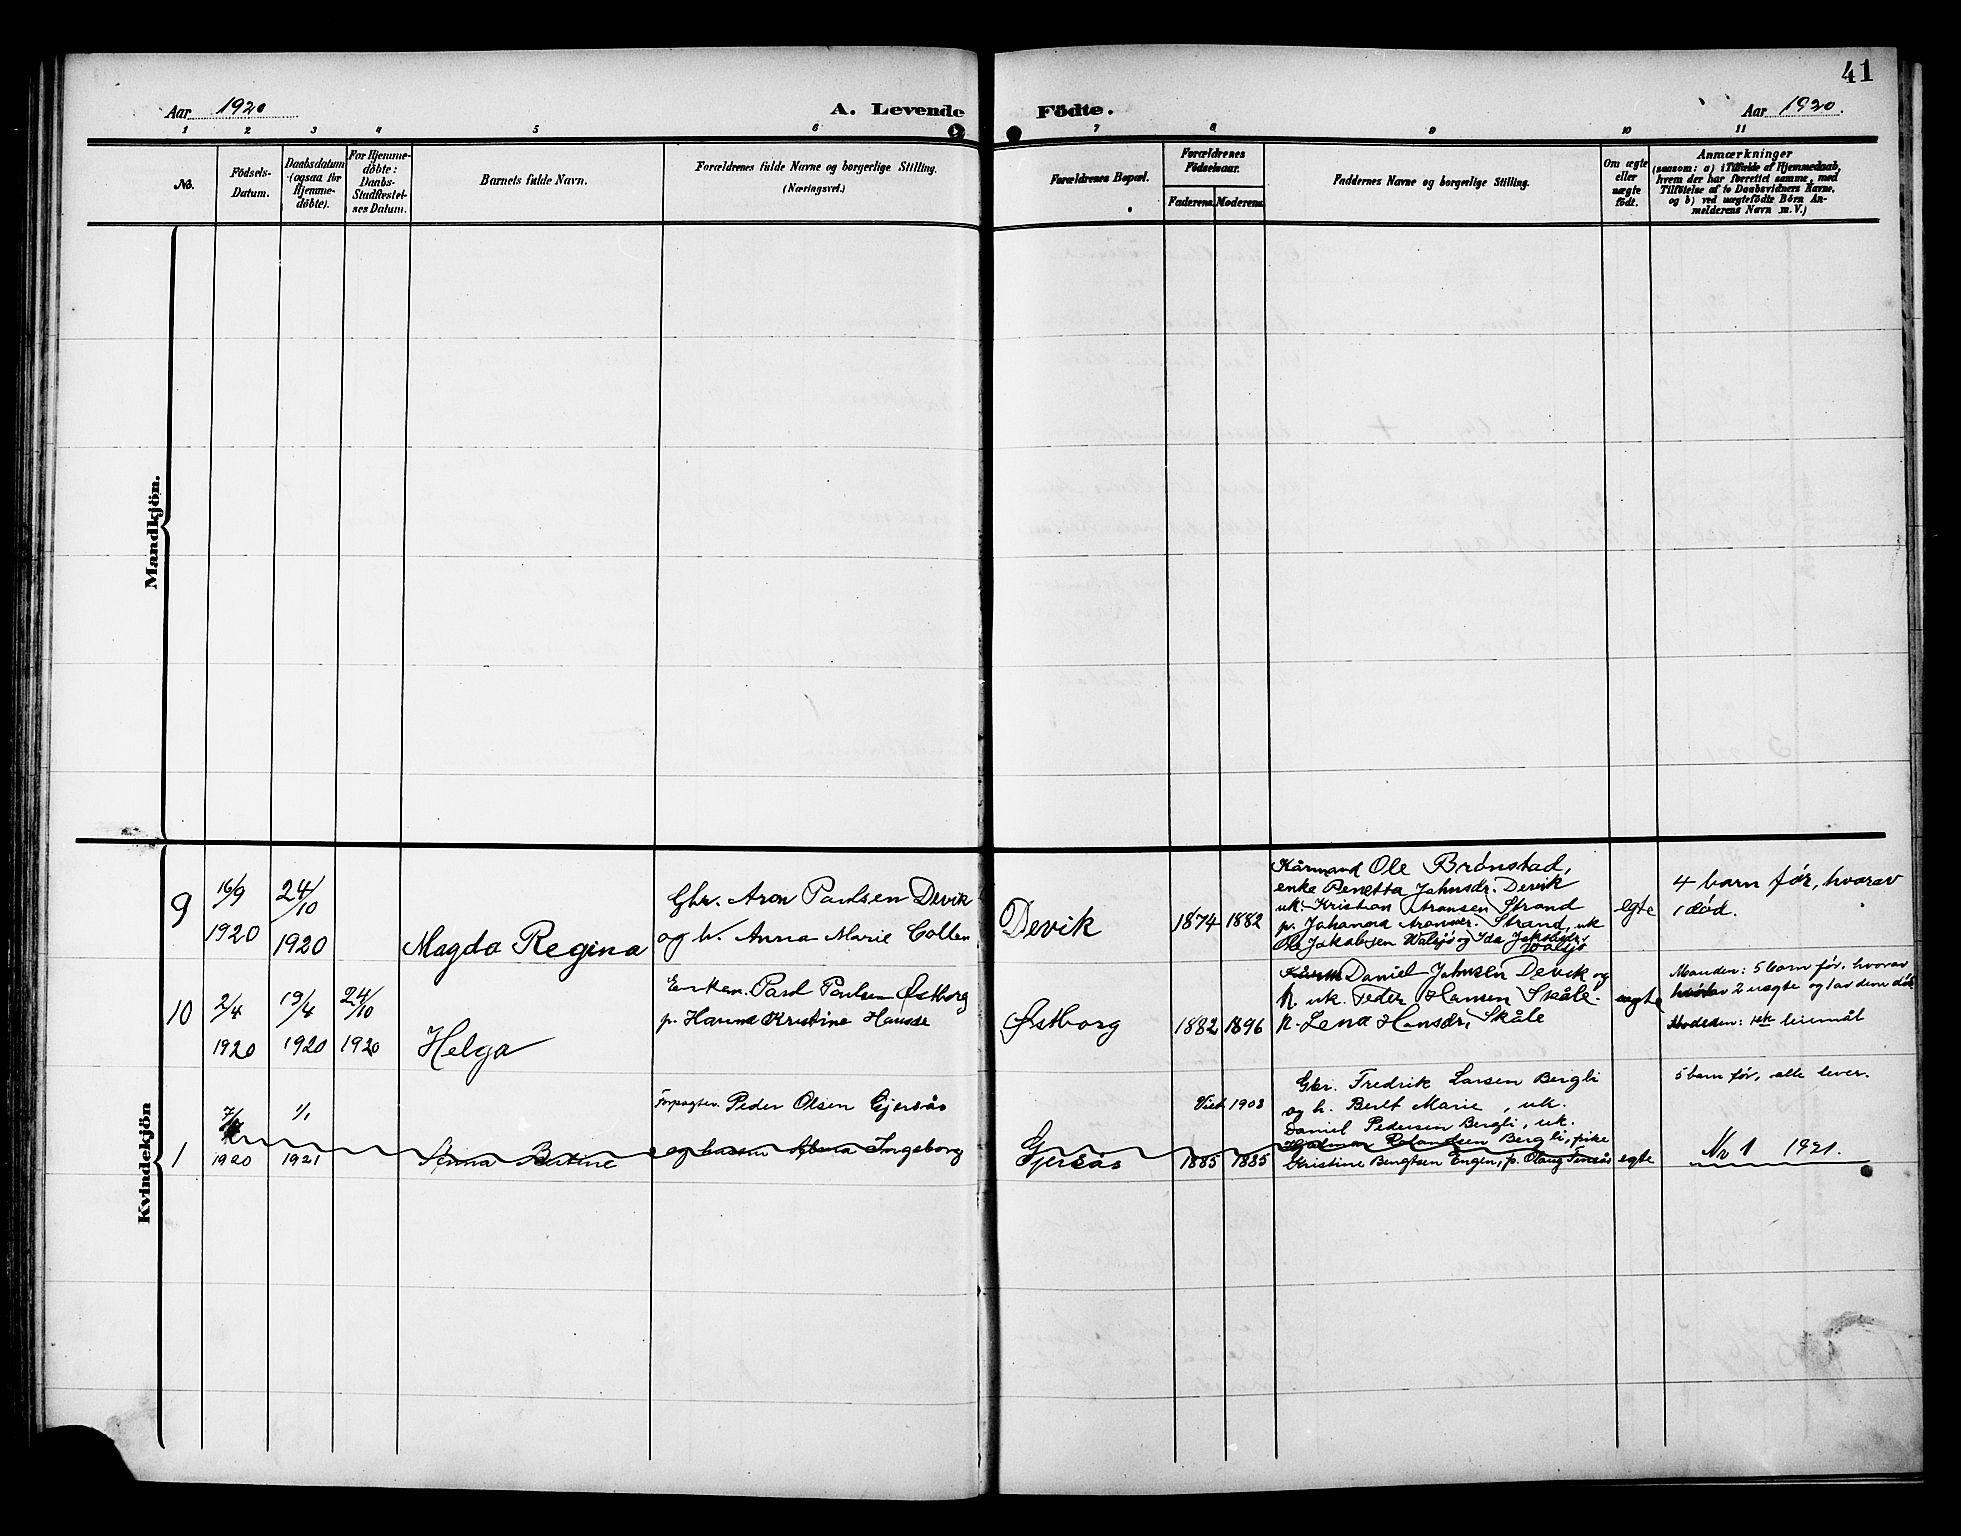 SAT, Ministerialprotokoller, klokkerbøker og fødselsregistre - Nord-Trøndelag, 757/L0506: Klokkerbok nr. 757C01, 1904-1922, s. 41